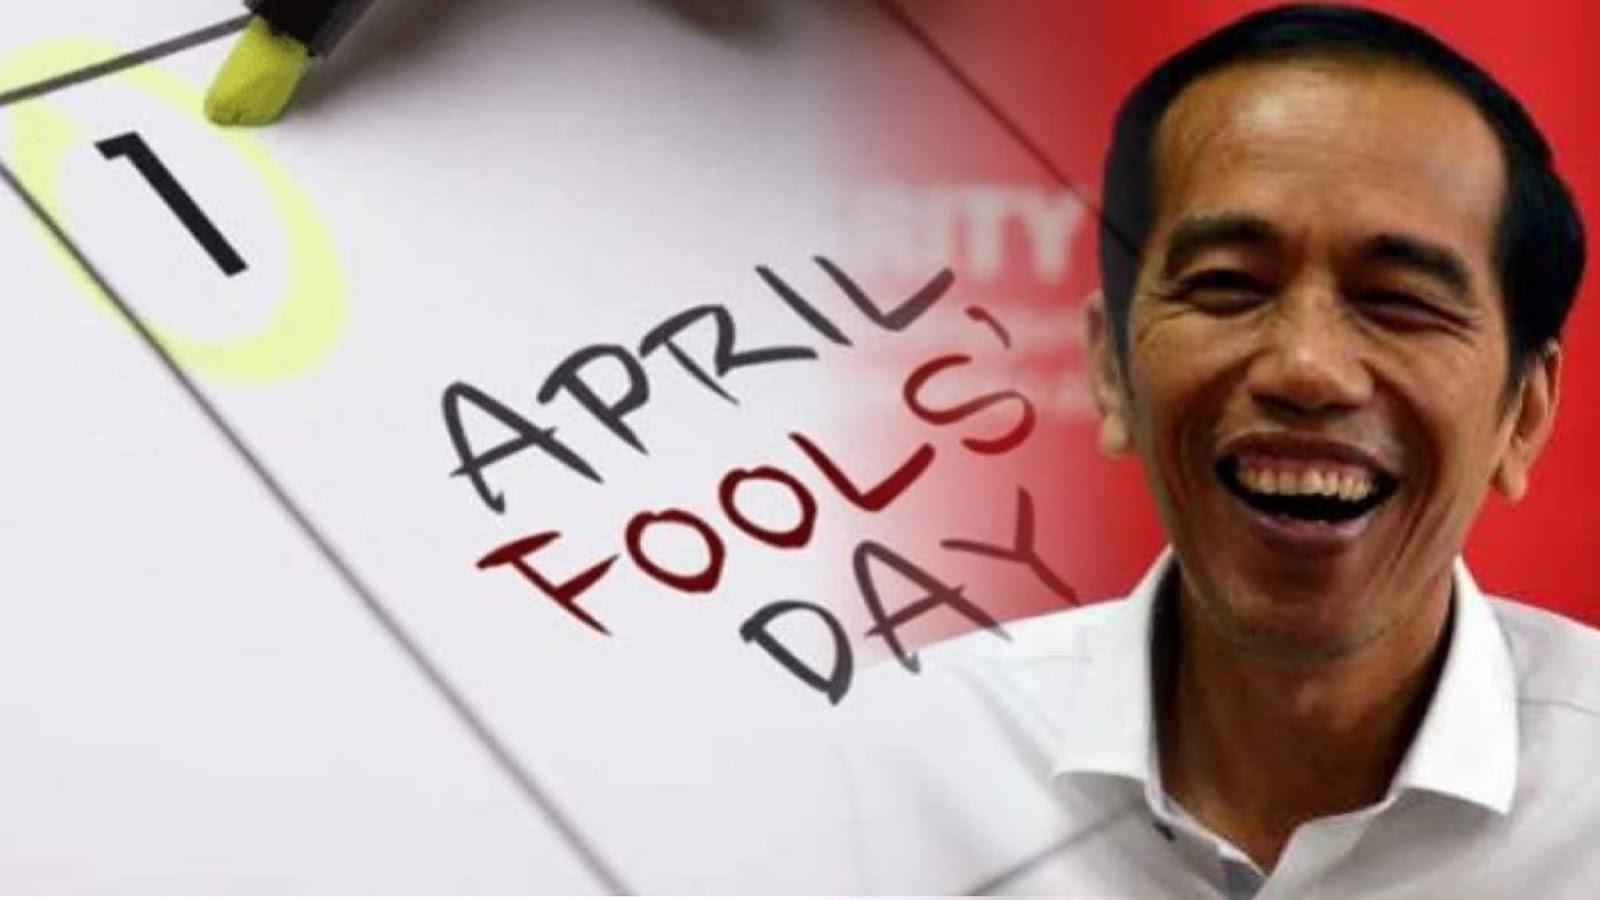 Semoga Insentif Listrik Dari Presiden Jokowi Bukan April Mop